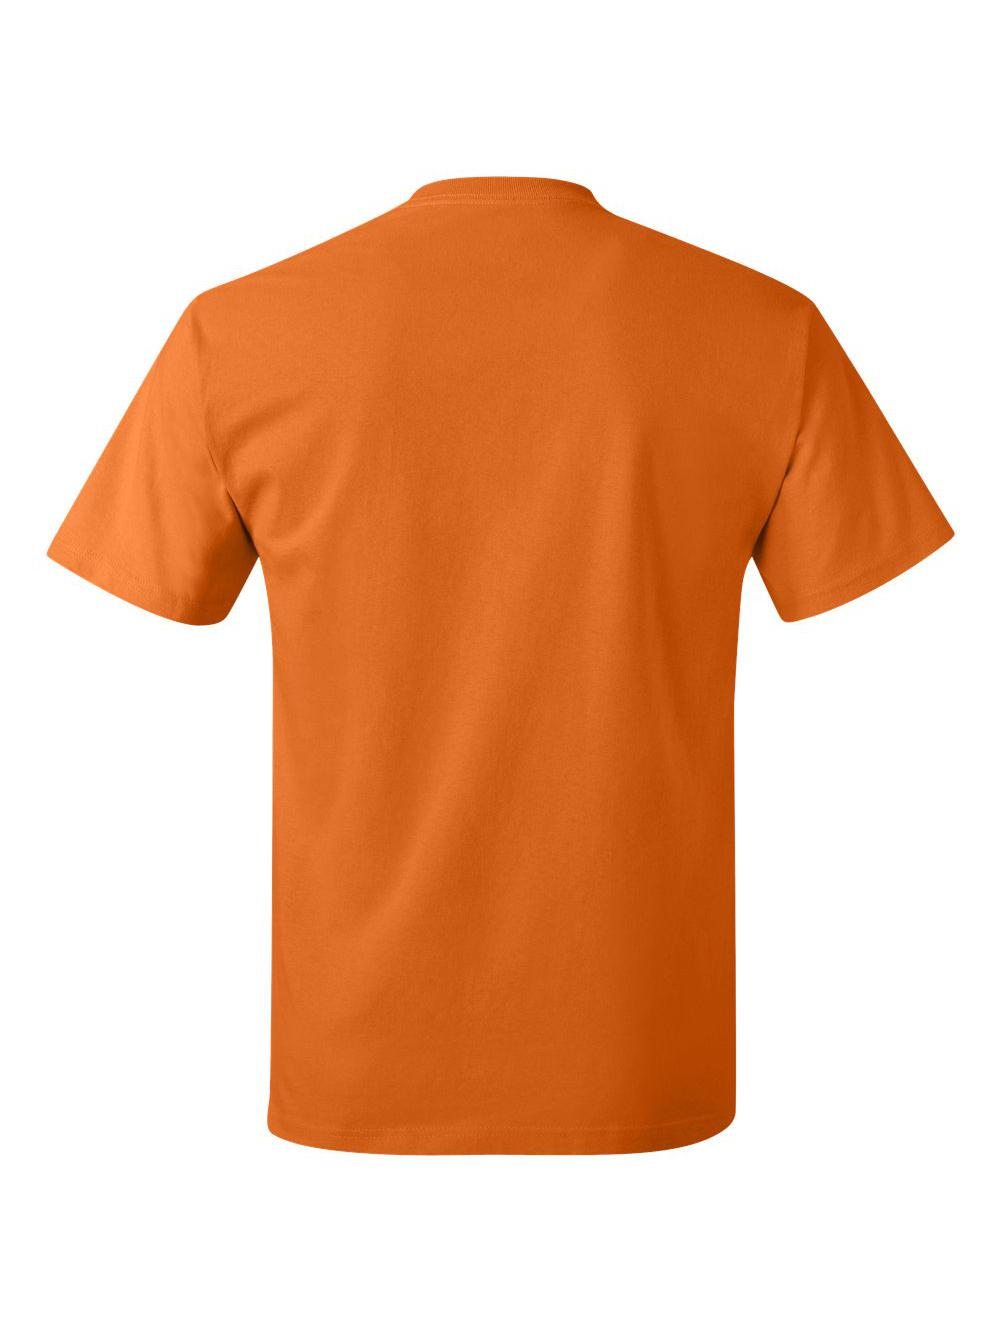 Hanes-Tagless-T-Shirt-5250 thumbnail 103